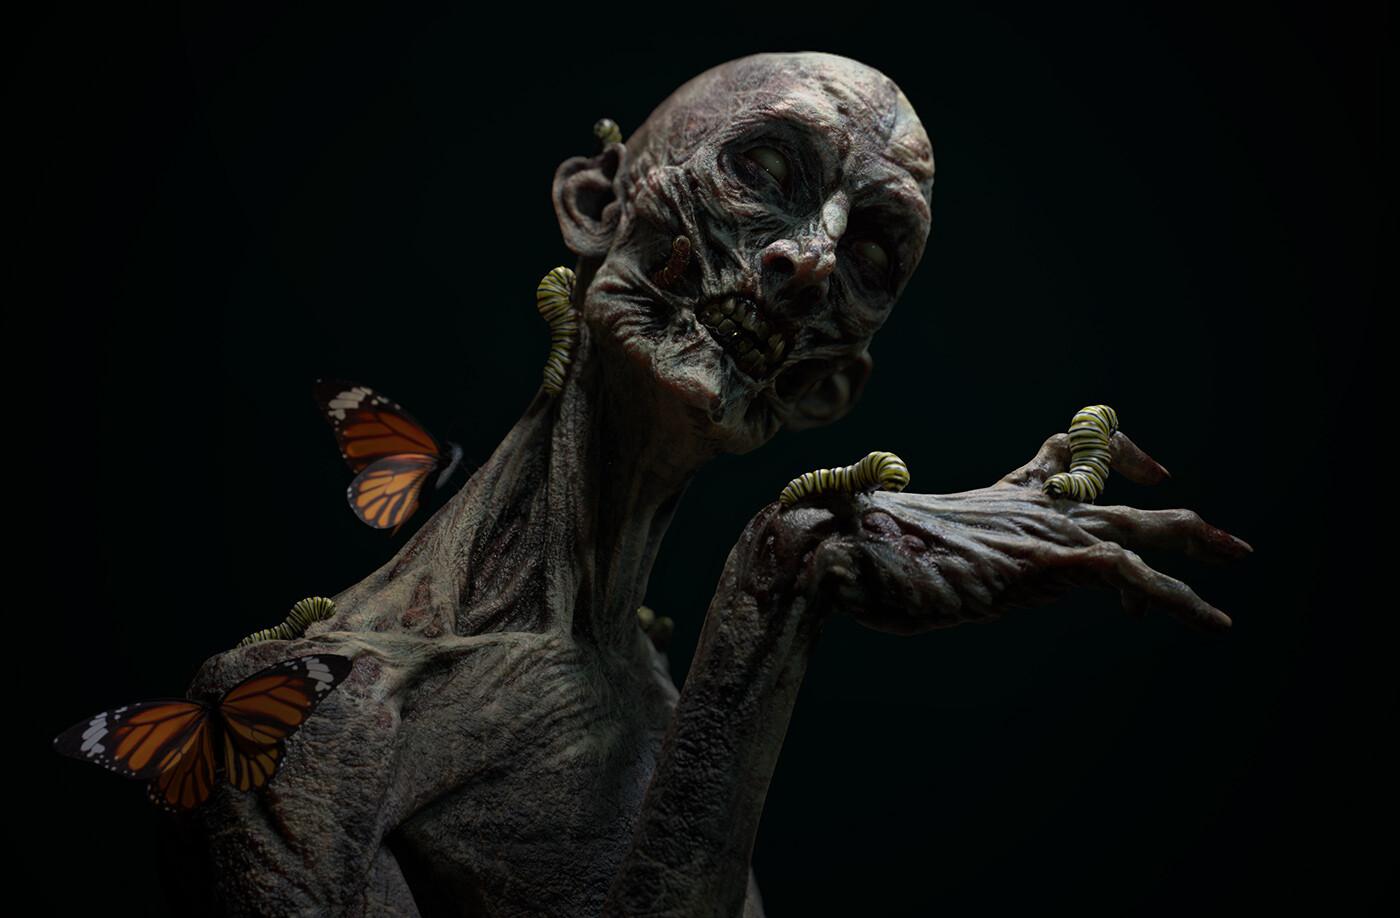 Pablo munoz gomez pmg substance source zombie dark render01